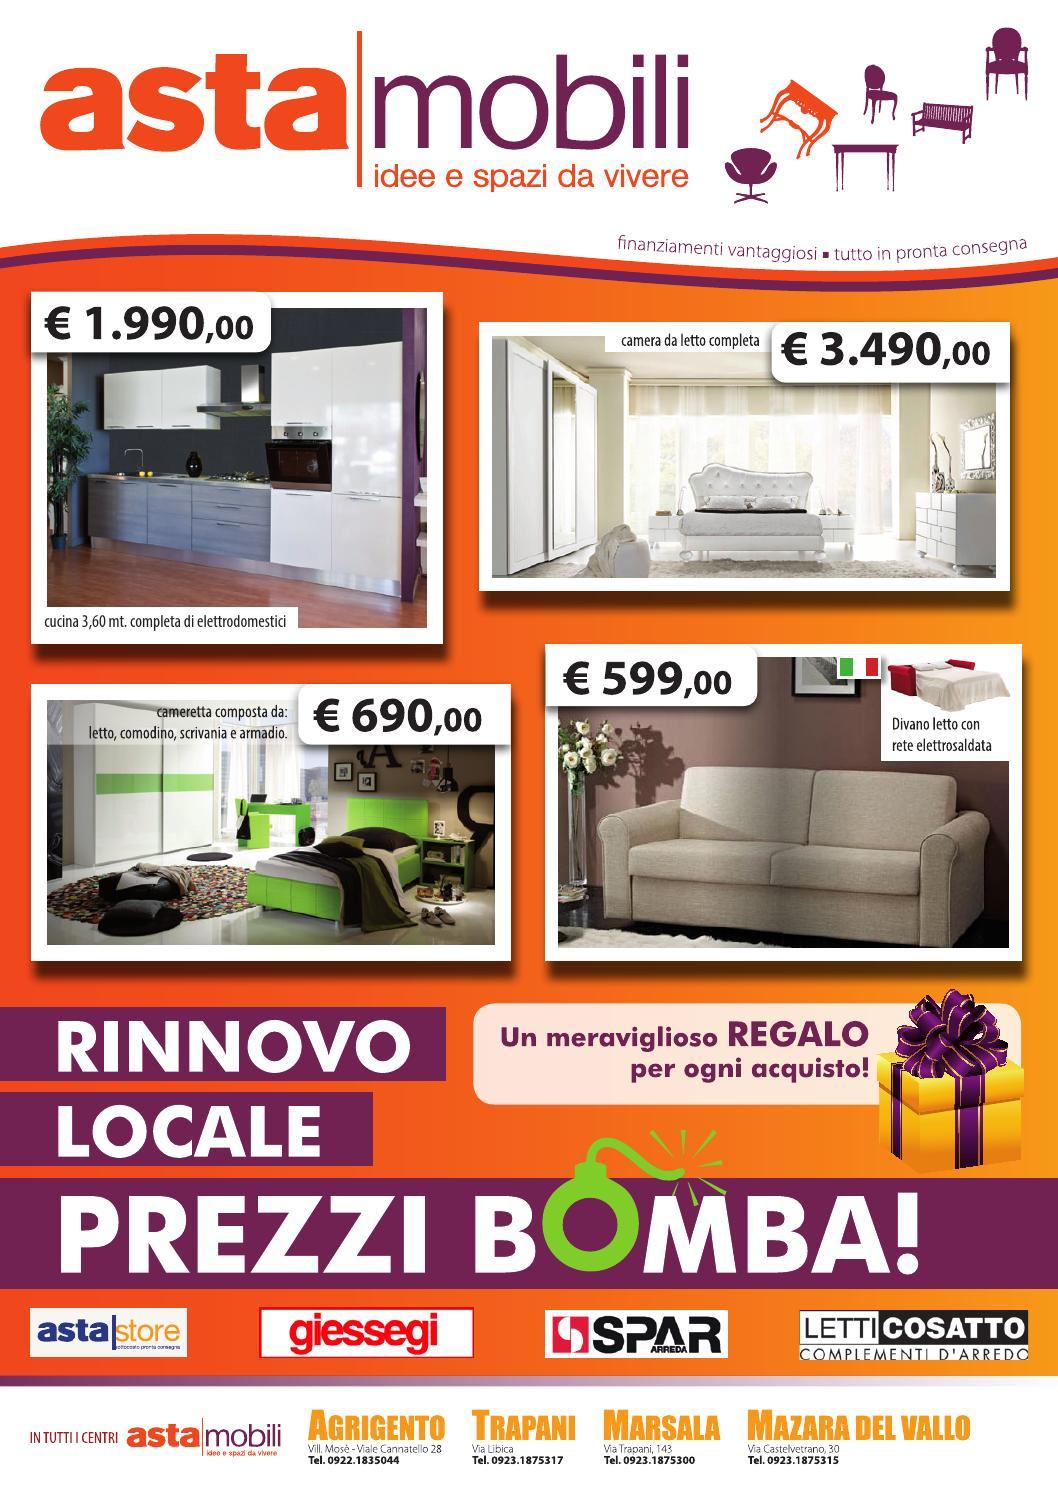 Prezzi bomba 2013 by asta mobili sicilia issuu - Asta mobili cucine prezzi ...